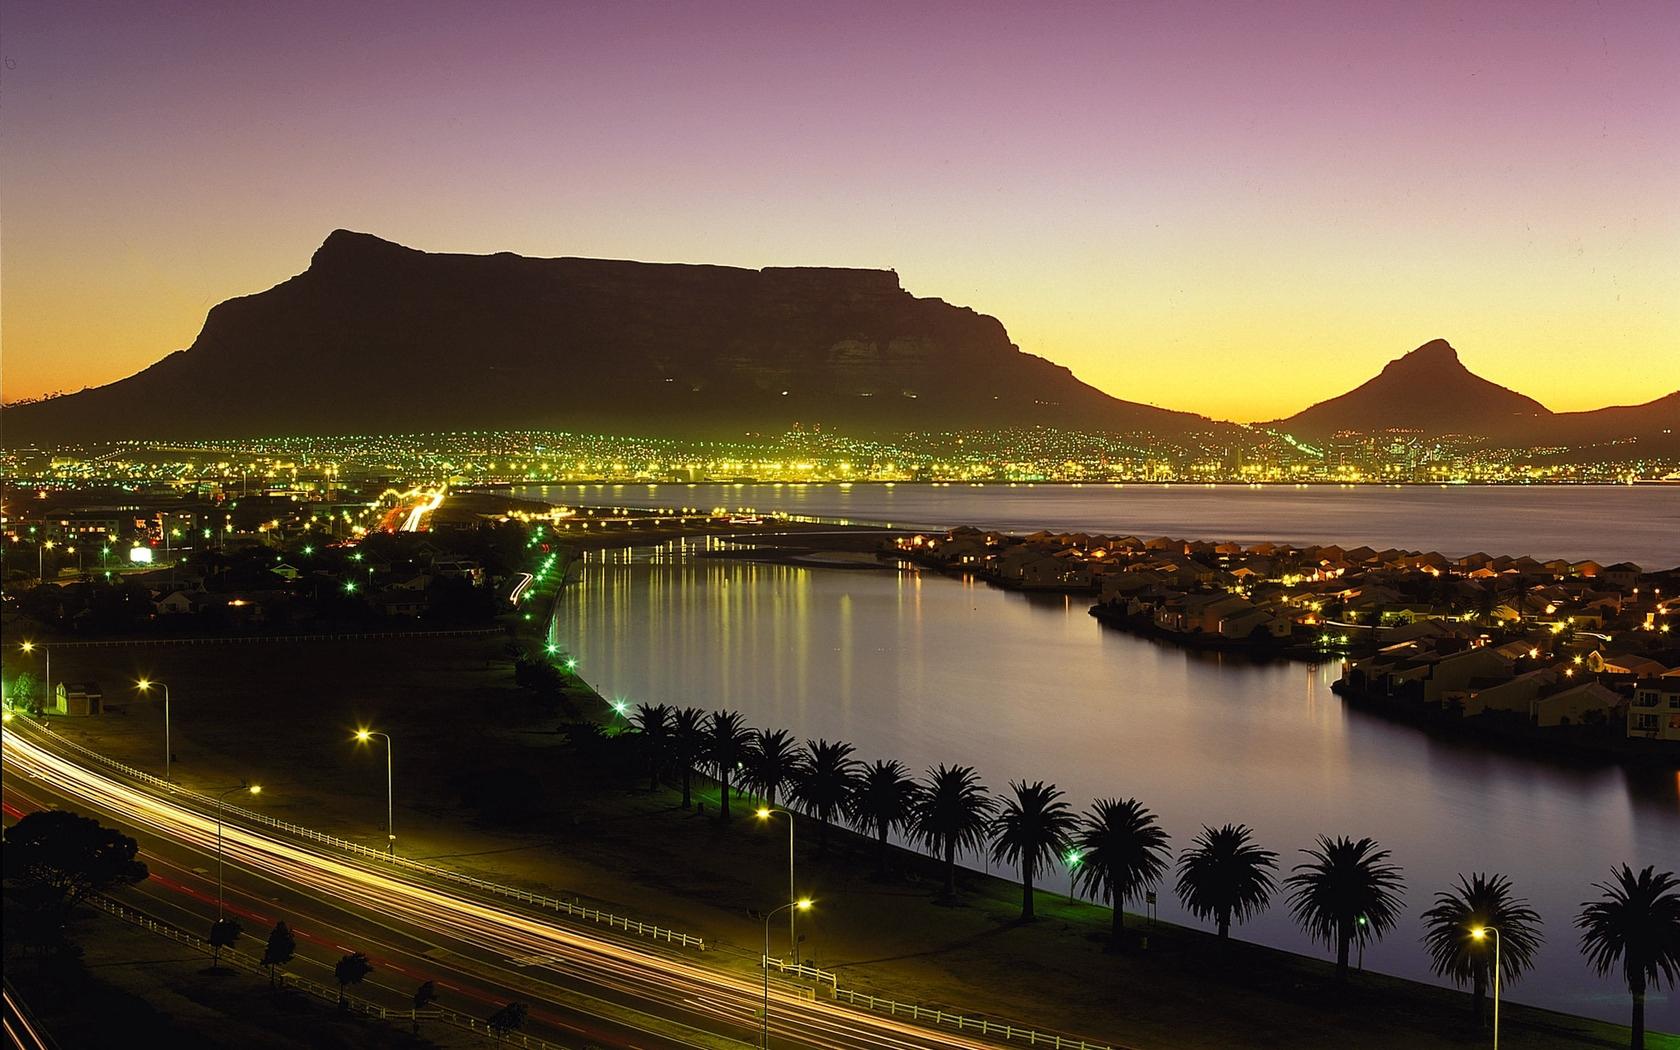 ЮАР и Эфиопия: африканские страны с необычными достопримечательностями